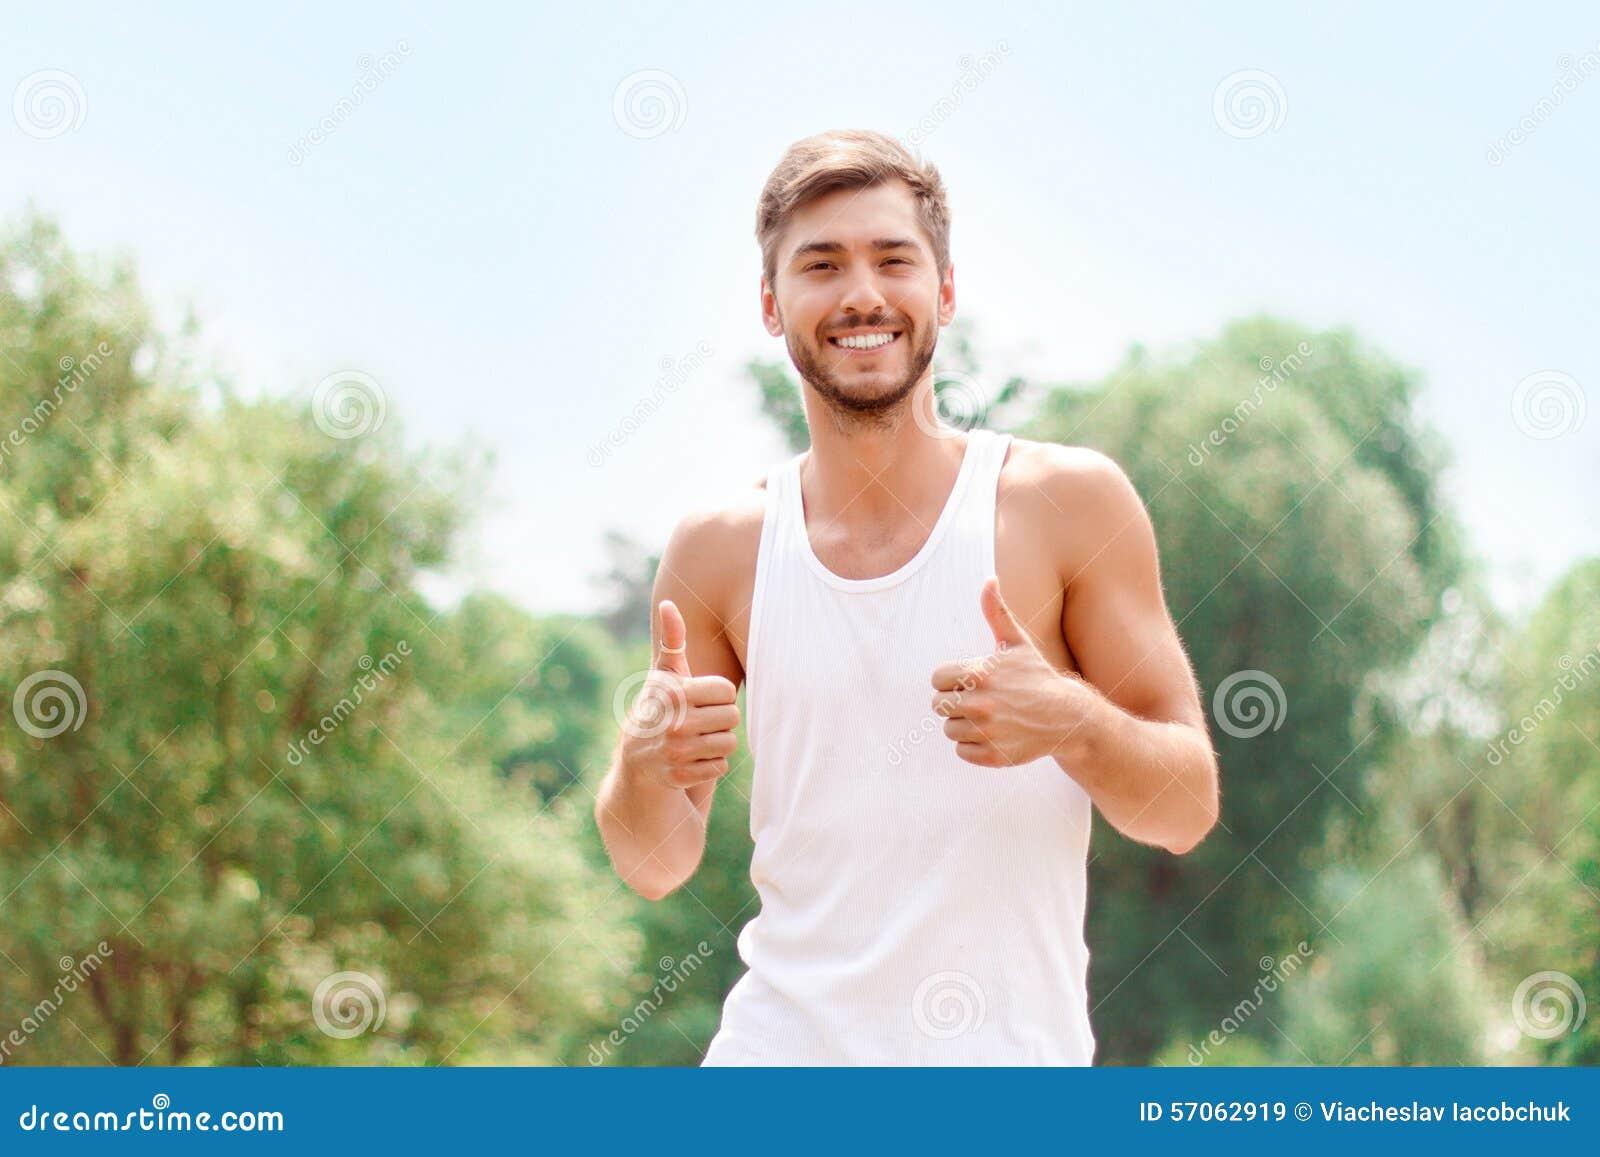 Actieve kerel die positiviteit uitdrukken